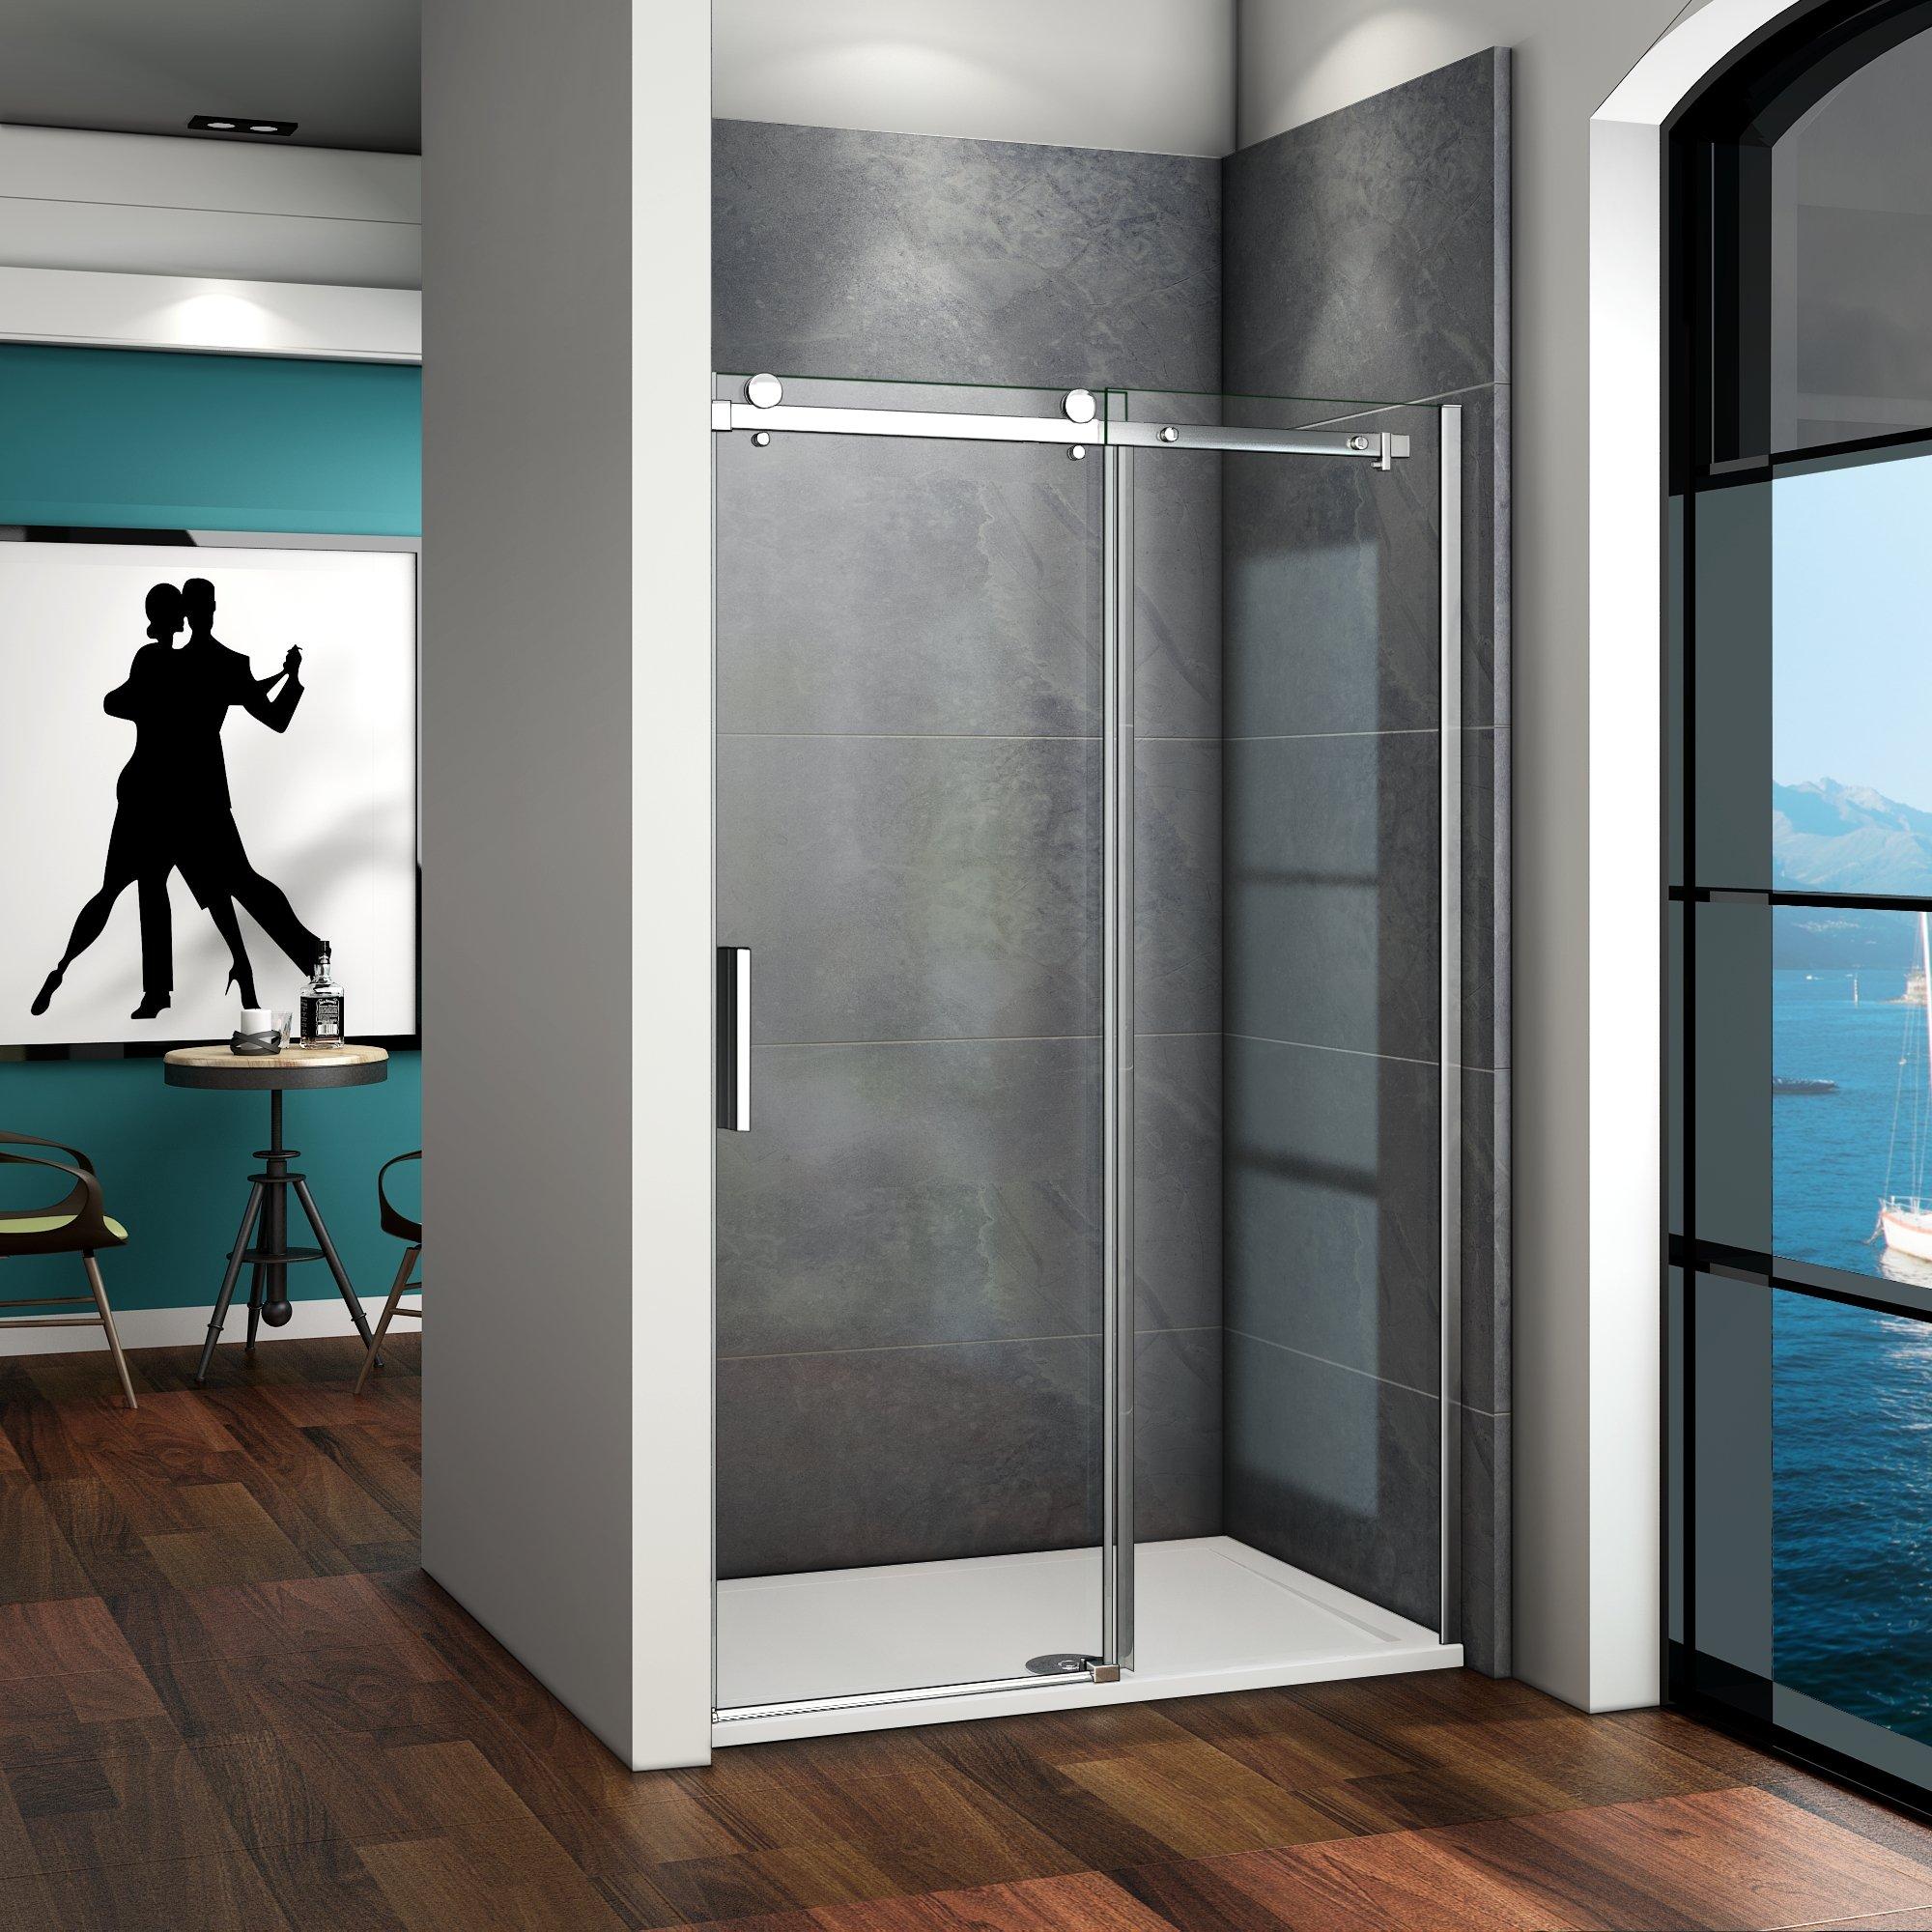 130x195cm Mamparas de ducha puerta de ducha 6mm vidrio templado de Aica: Amazon.es: Bricolaje y herramientas